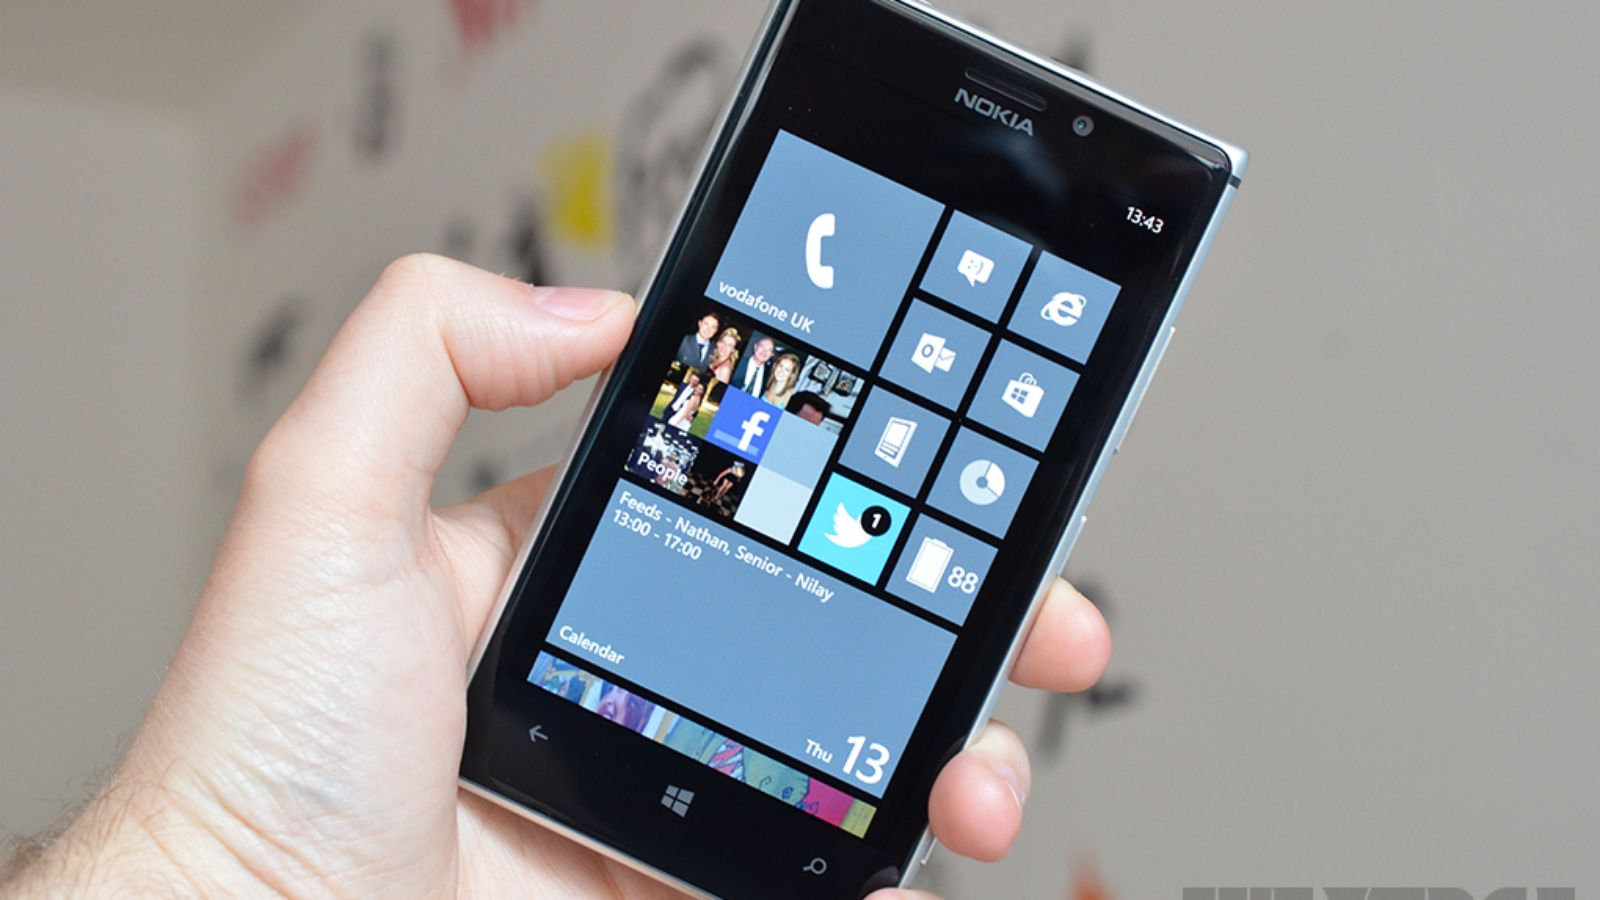 Nokia lumia 925 jpg - Nokia Lumia 925_230 Jpg